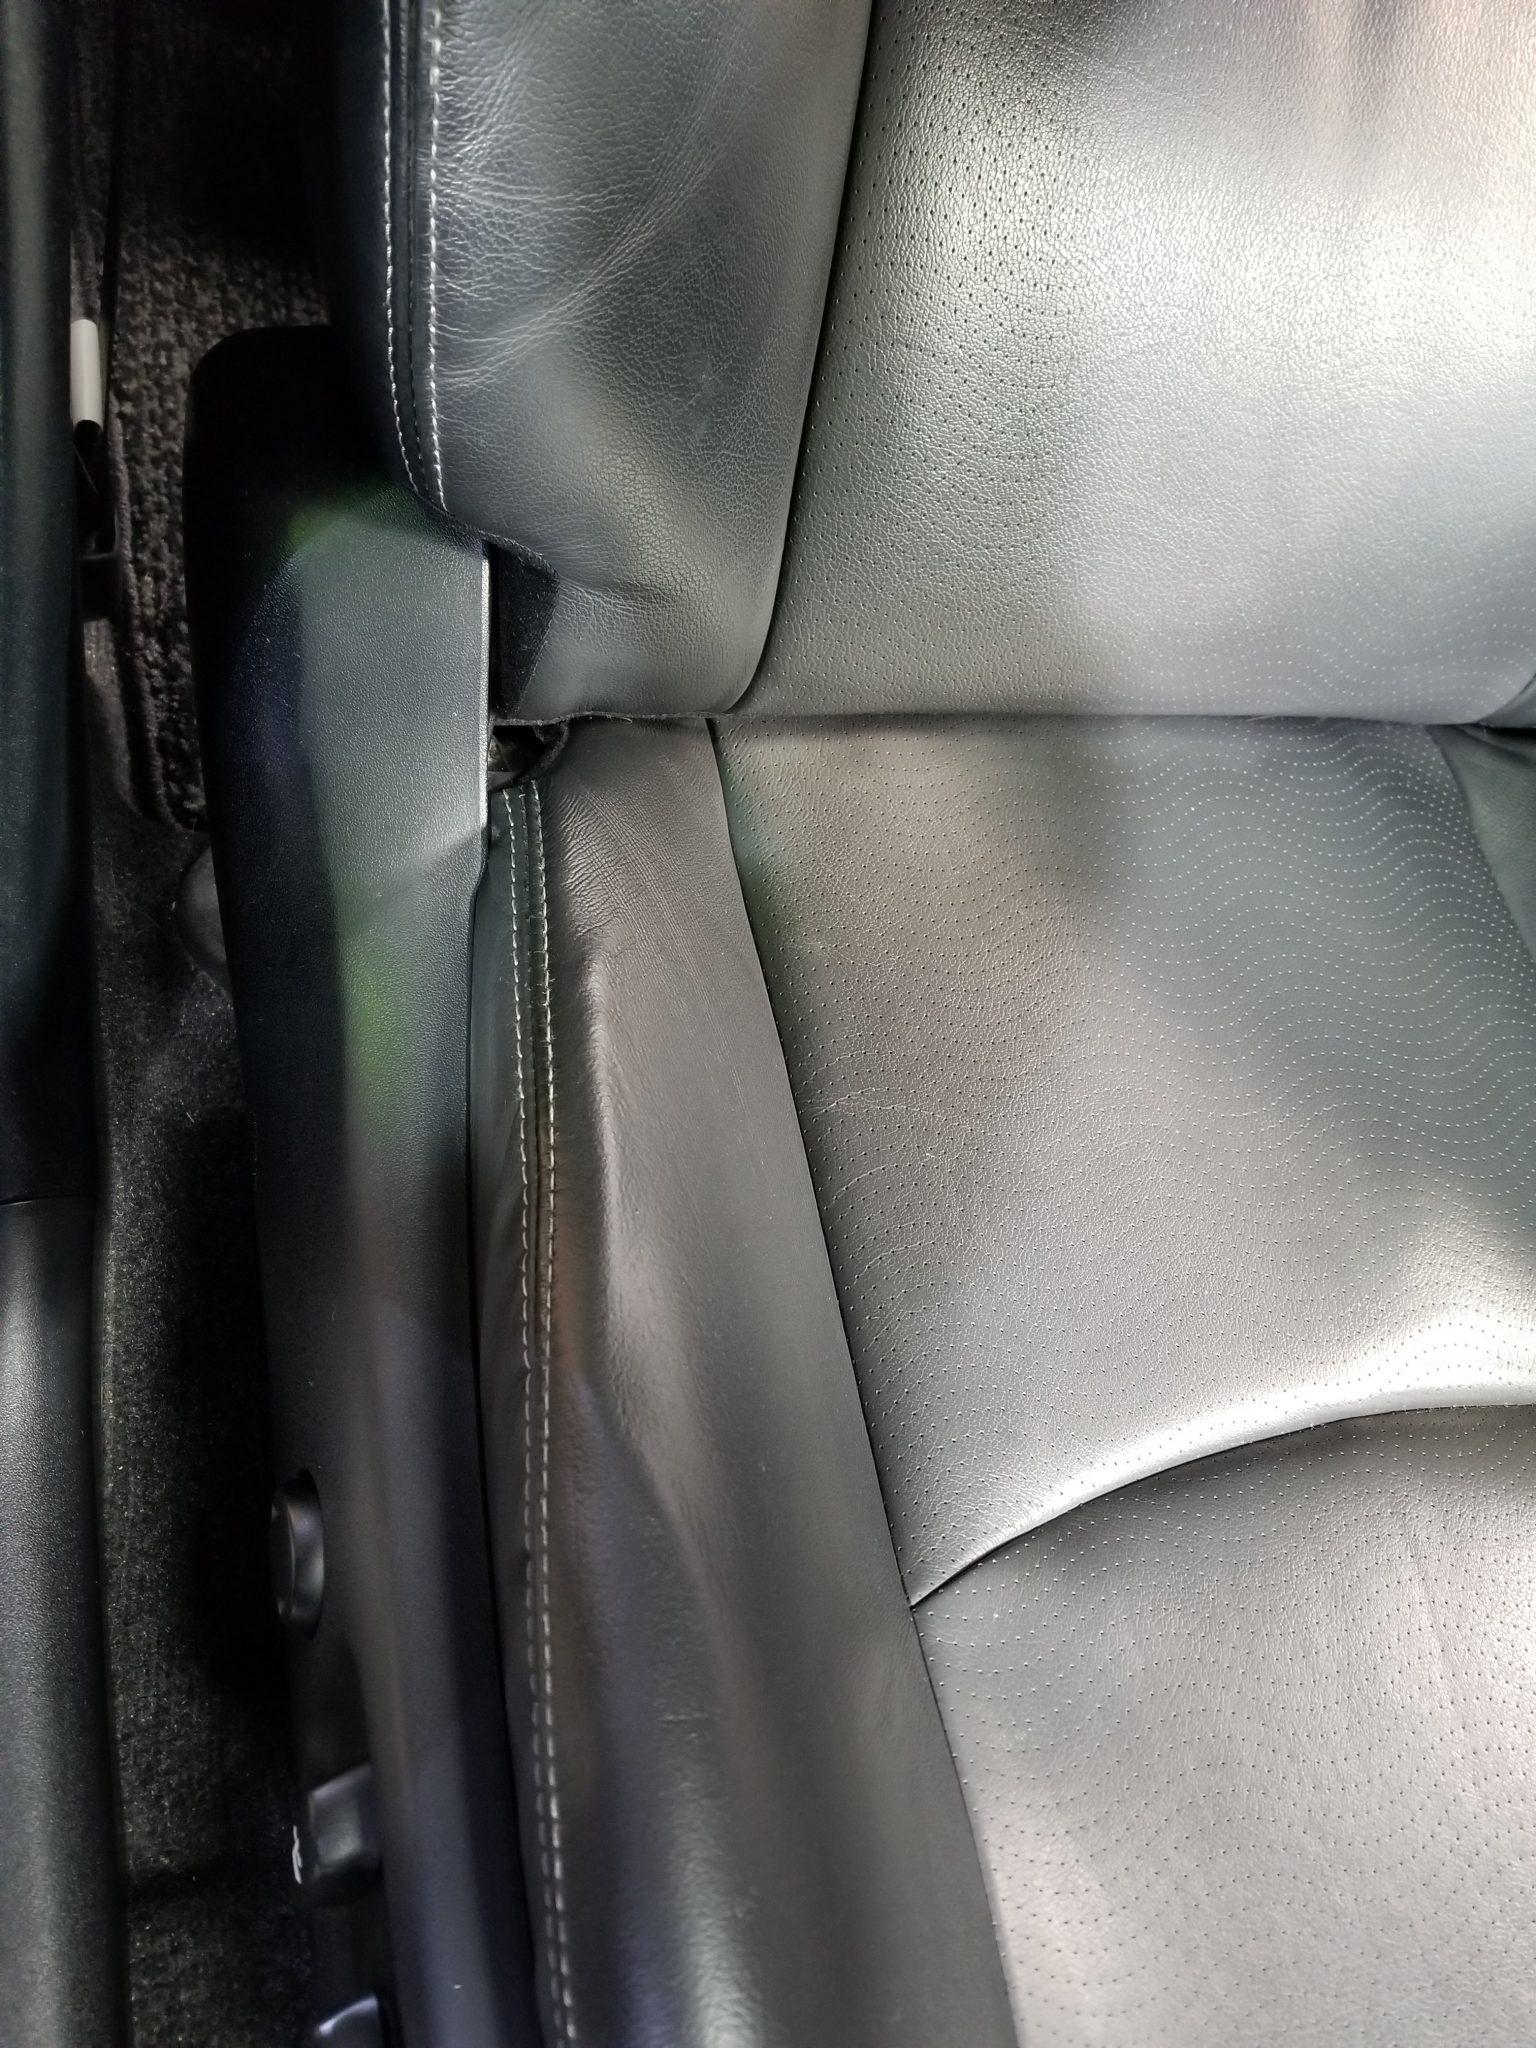 30プリウスのシート修理